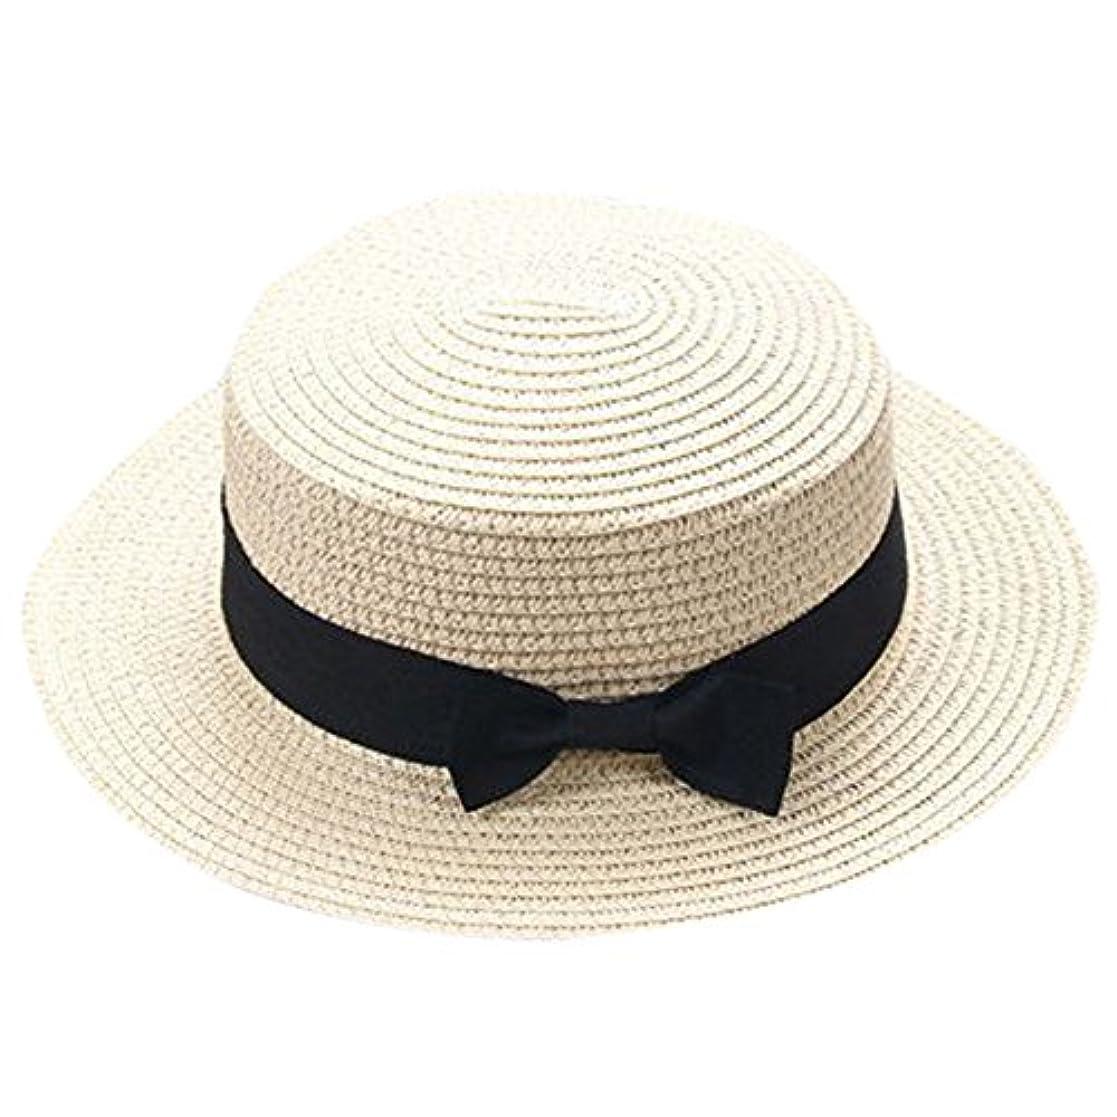 野なつづり平野キャップ キッズ 日よけ 帽子 小顔効果抜群 旅行用 日よけ 夏 ビーチ 海辺 かわいい リゾート 紫外線対策 男女兼用 日焼け防止 熱中症予防 取り外すあご紐 つば広 おしゃれ 可愛い 夏 ROSE ROMAN